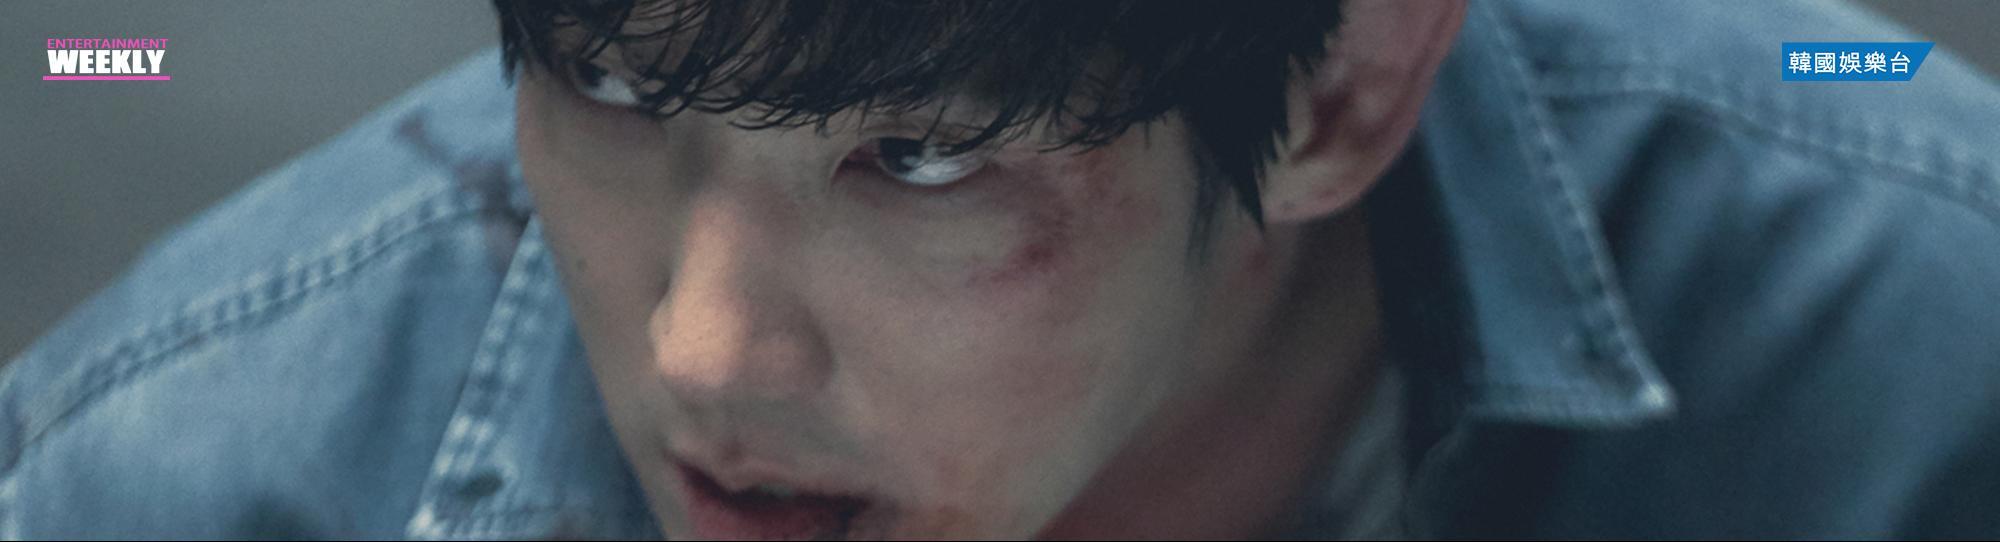 韓國娛樂周刊 ep363-《惡之花》